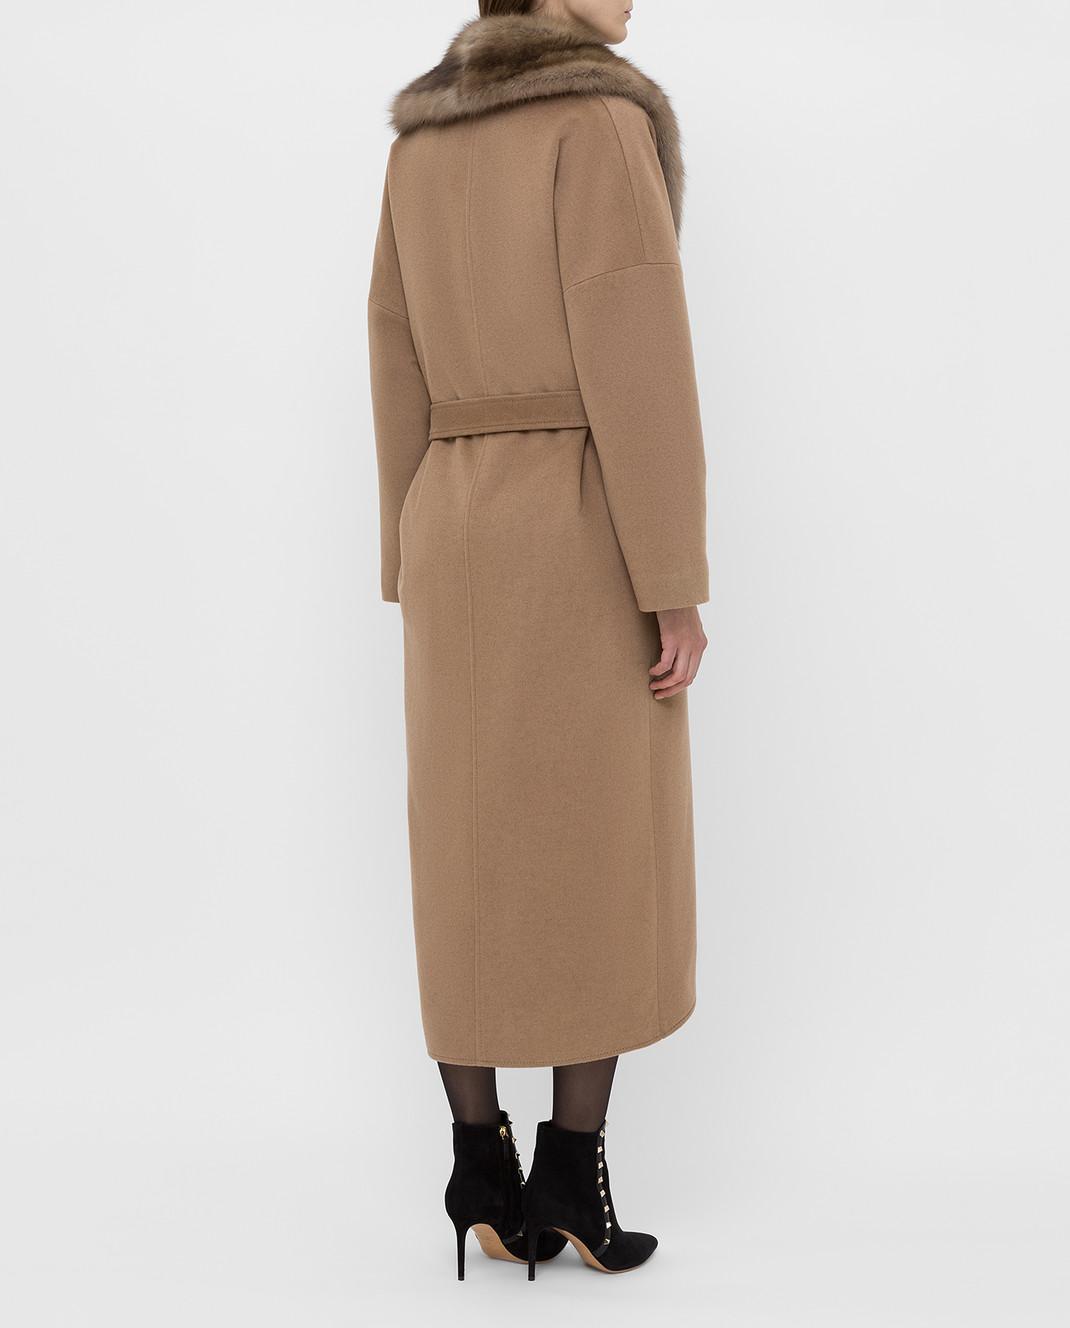 Real Furs House Бежевое пальто из кашемира с мехом соболя изображение 4